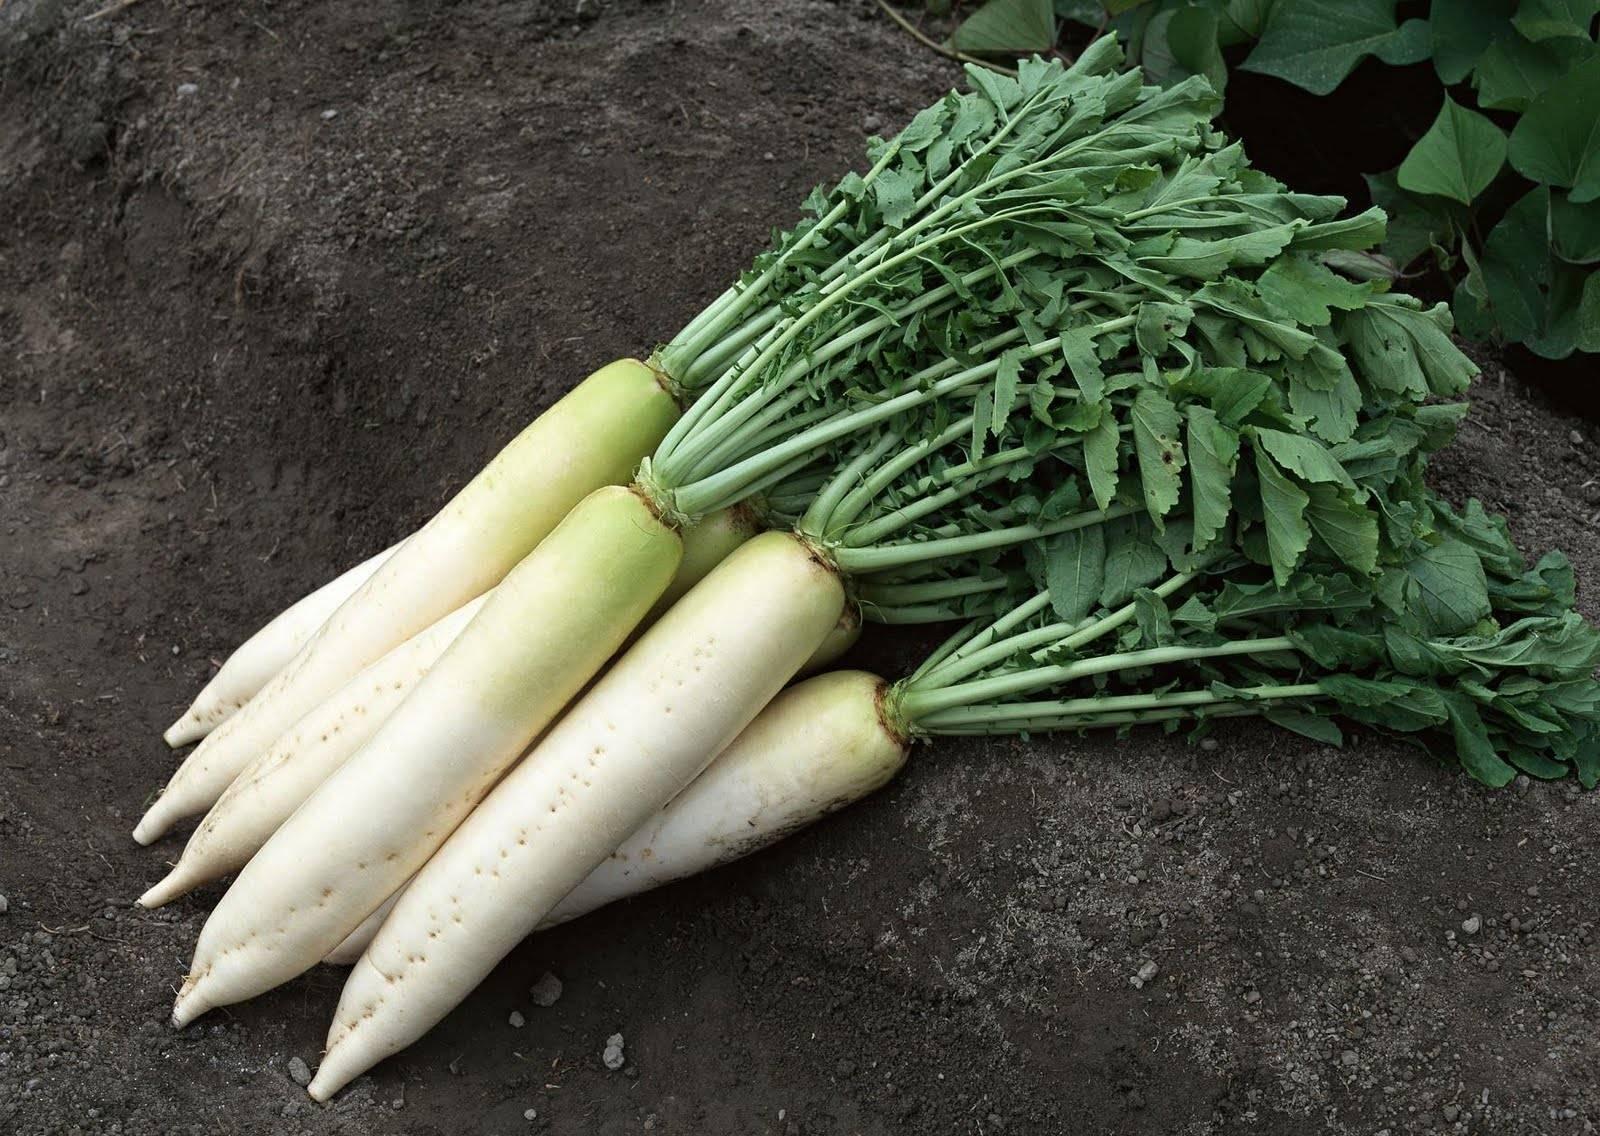 Уникальный овощ – редька дайкон! полезные свойства, противопоказания и проверенные рецепты для здоровья человека